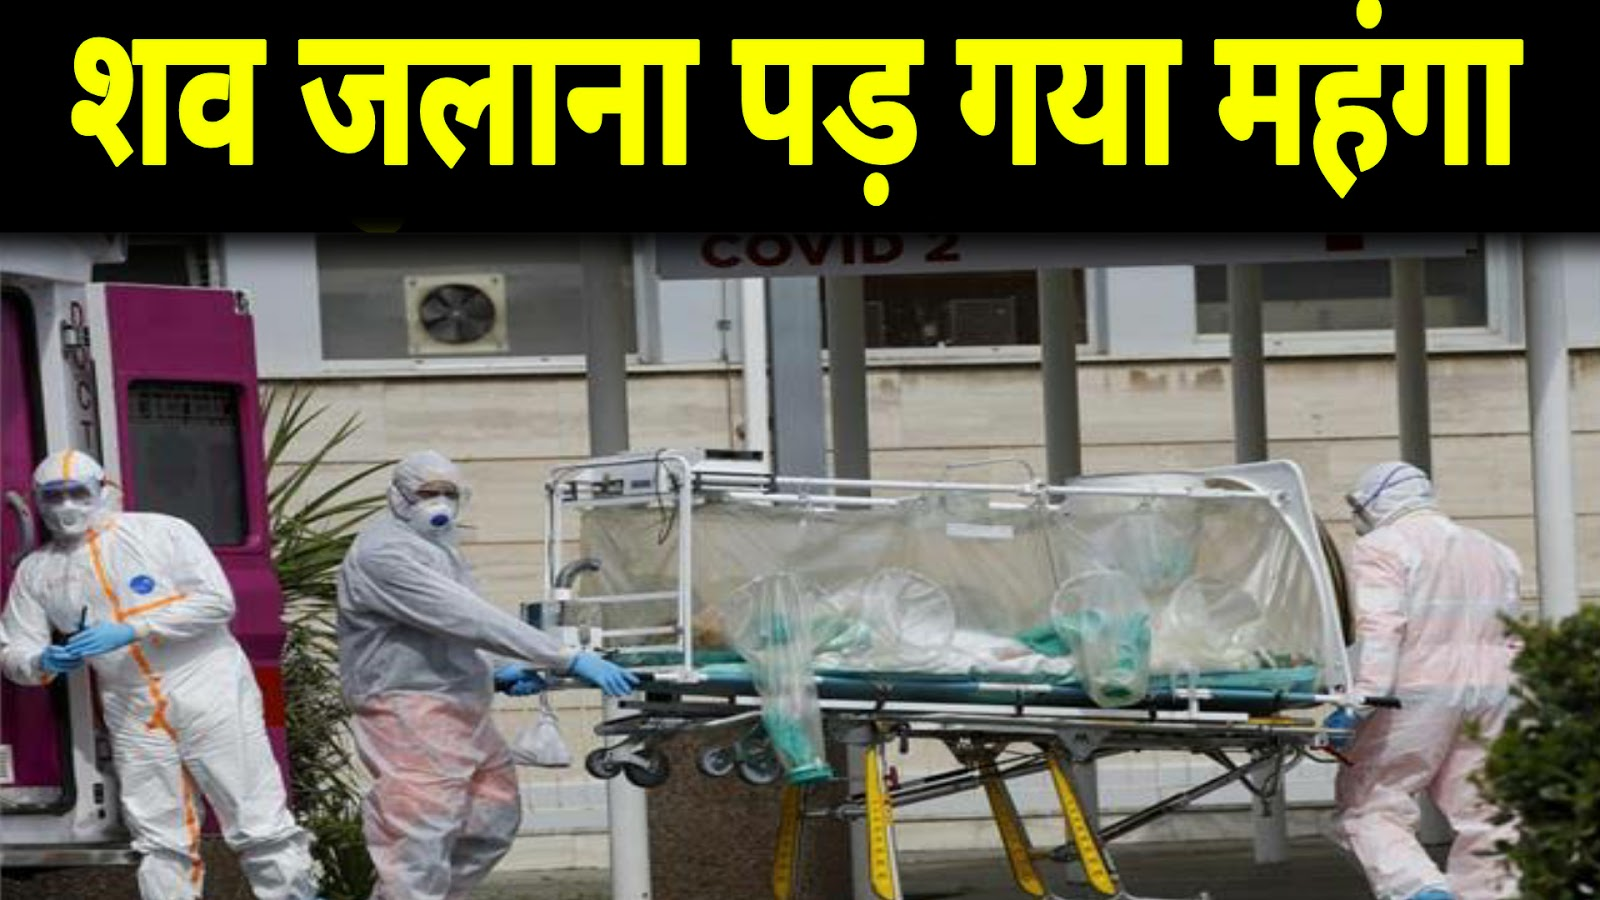 कोरोना मरीज के शव जलाने का विरोध करना पड़ गया भारी, 6 के खिलाफ FIR